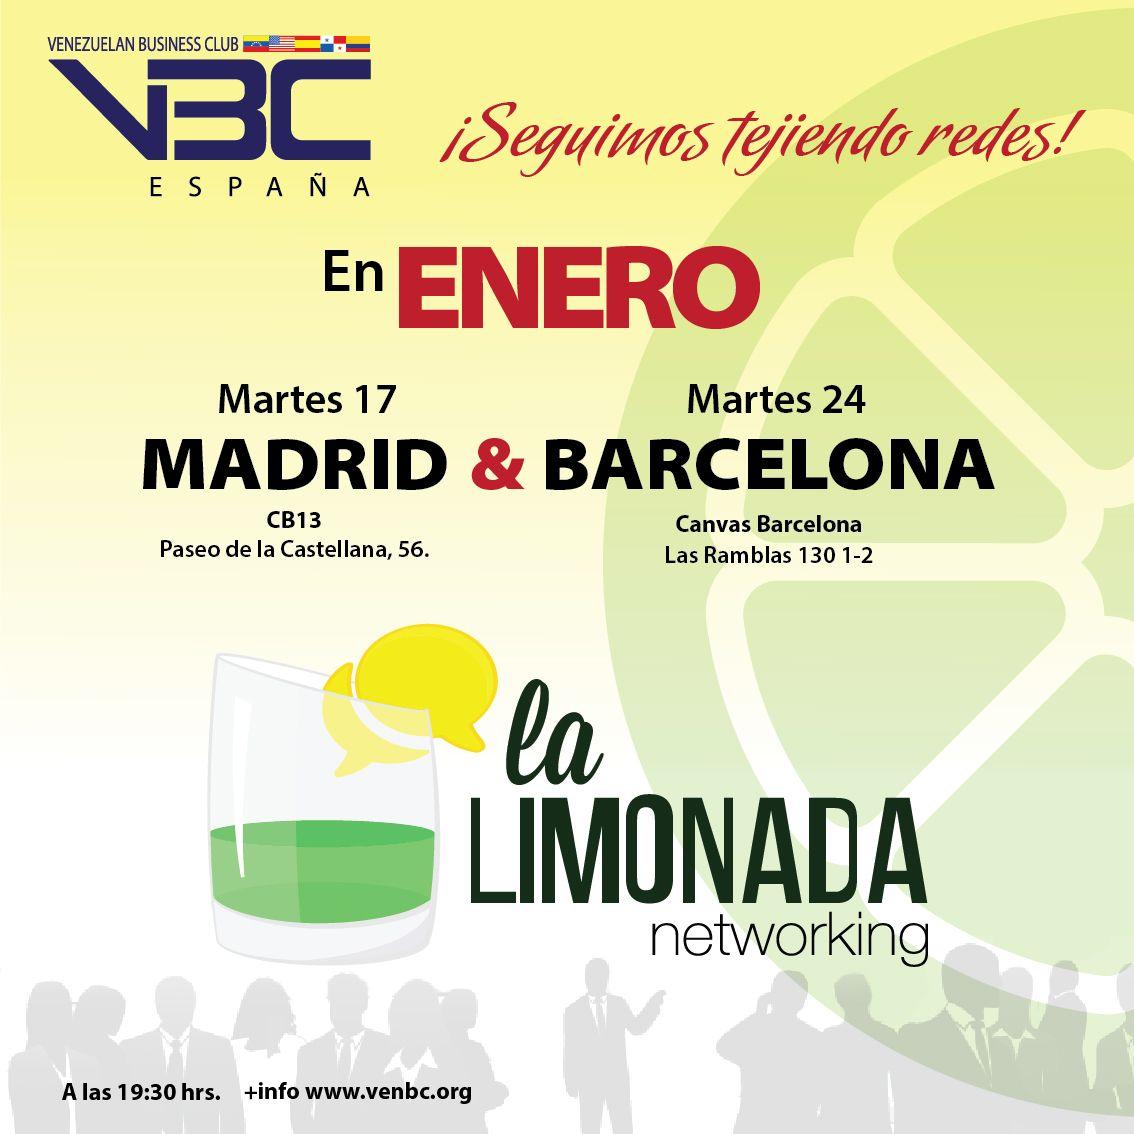 Empresas: El Venezuelan Business Club invita a la primera Limonada del año en Madrid y Barcelona   Autor del artículo: Finanzas.com